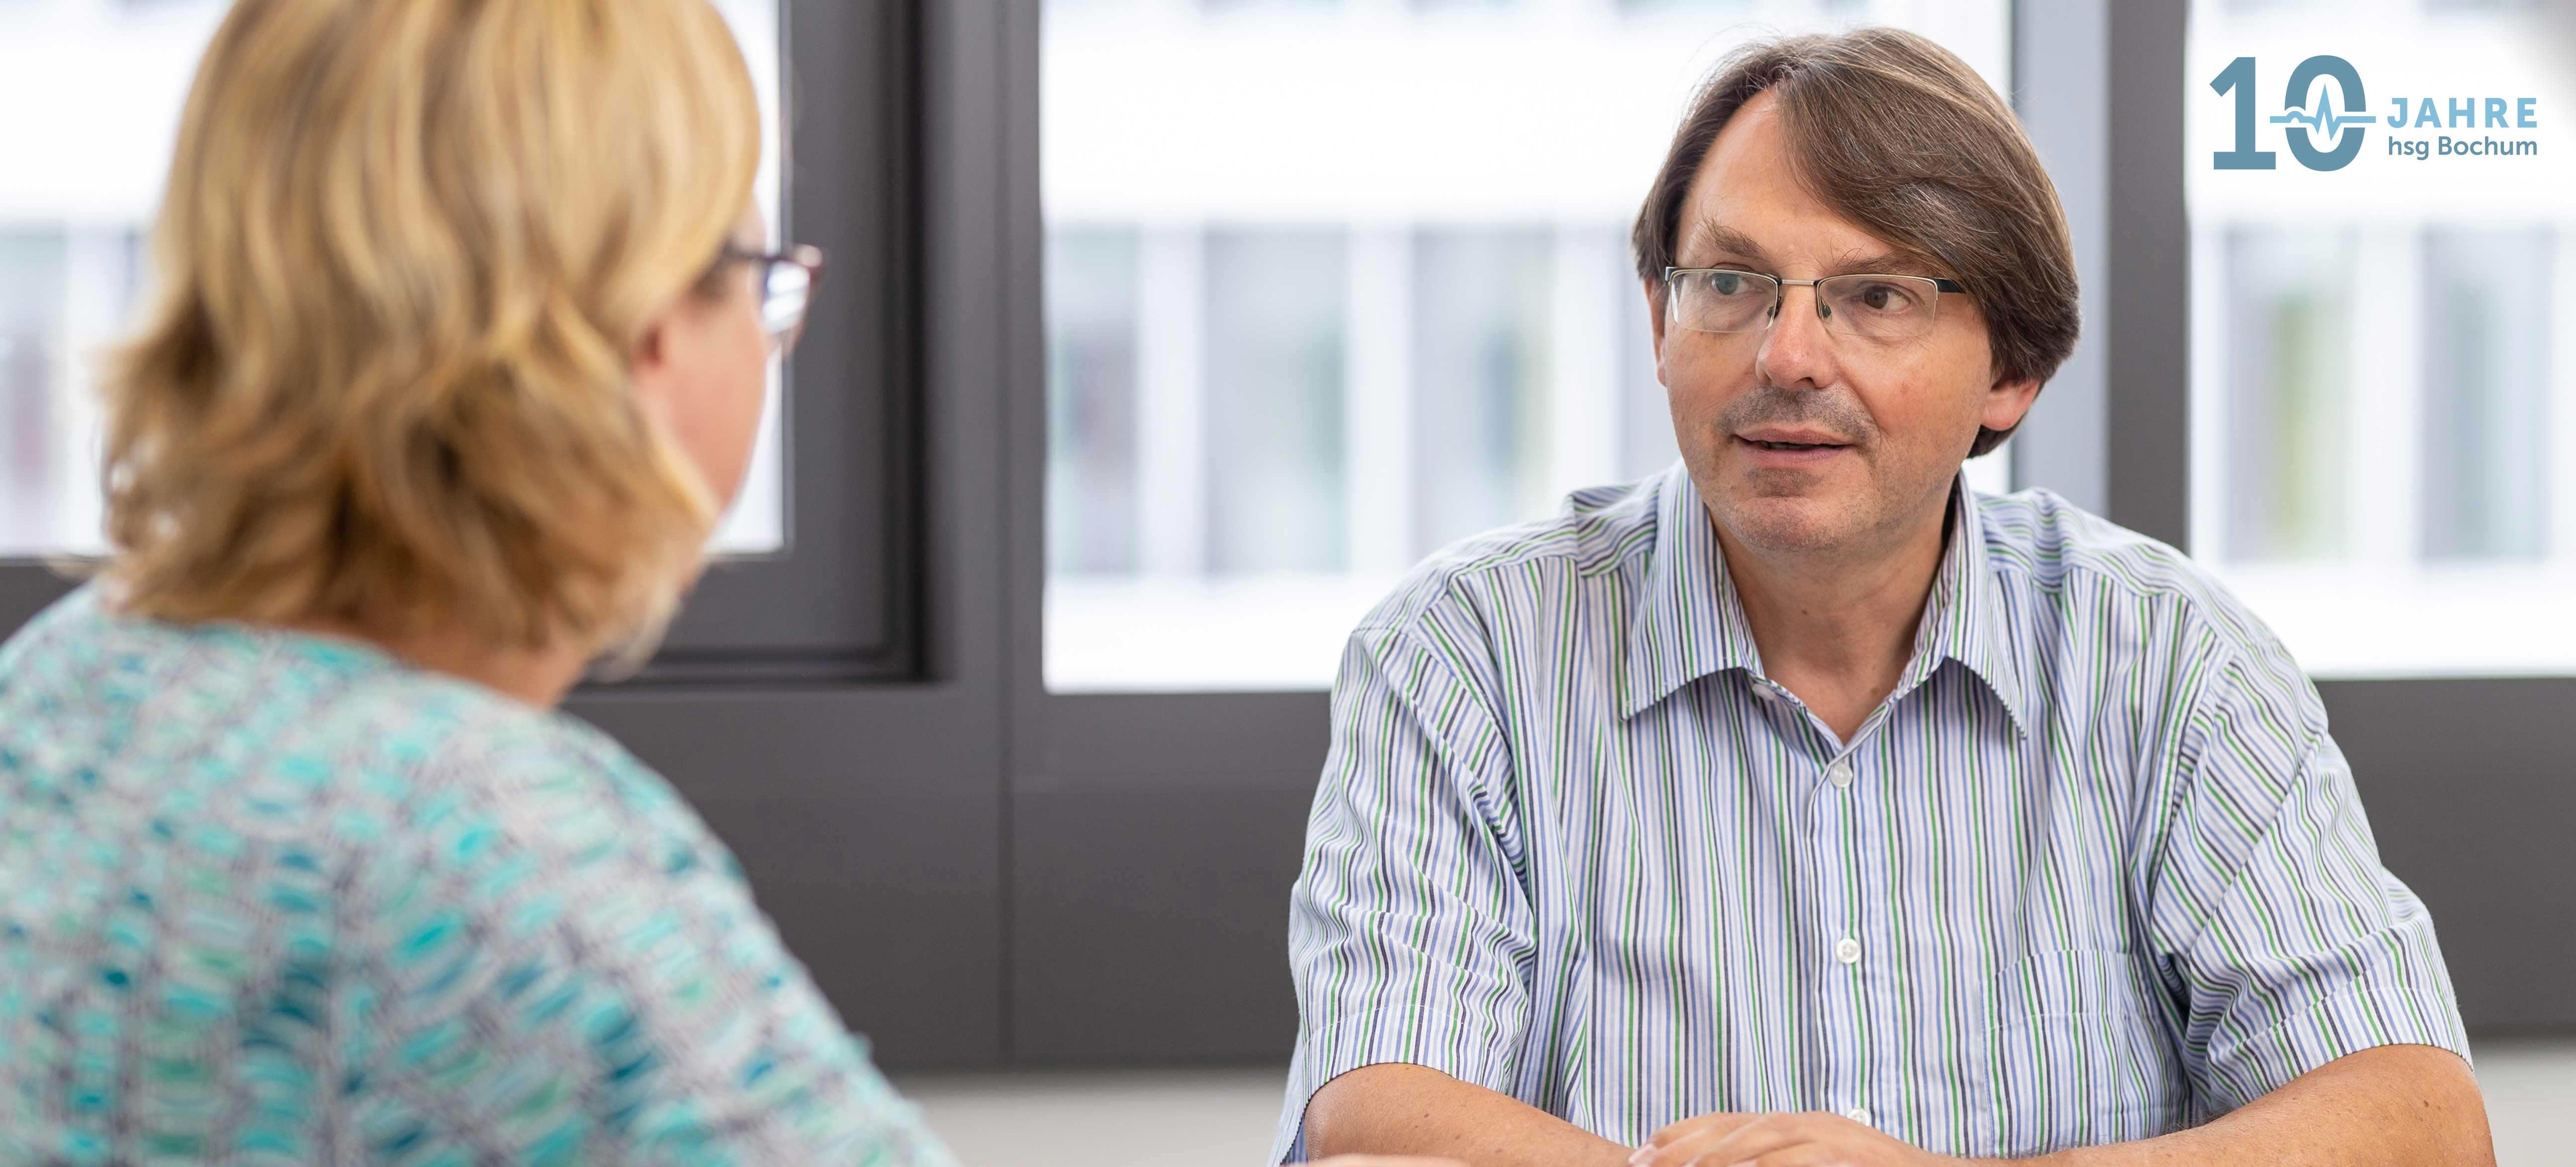 Prof. Dr. Markus Zimmermann im Gespräch mit Tanja Breukelchen. Foto: hsg Bochum/Jürgen Nobel